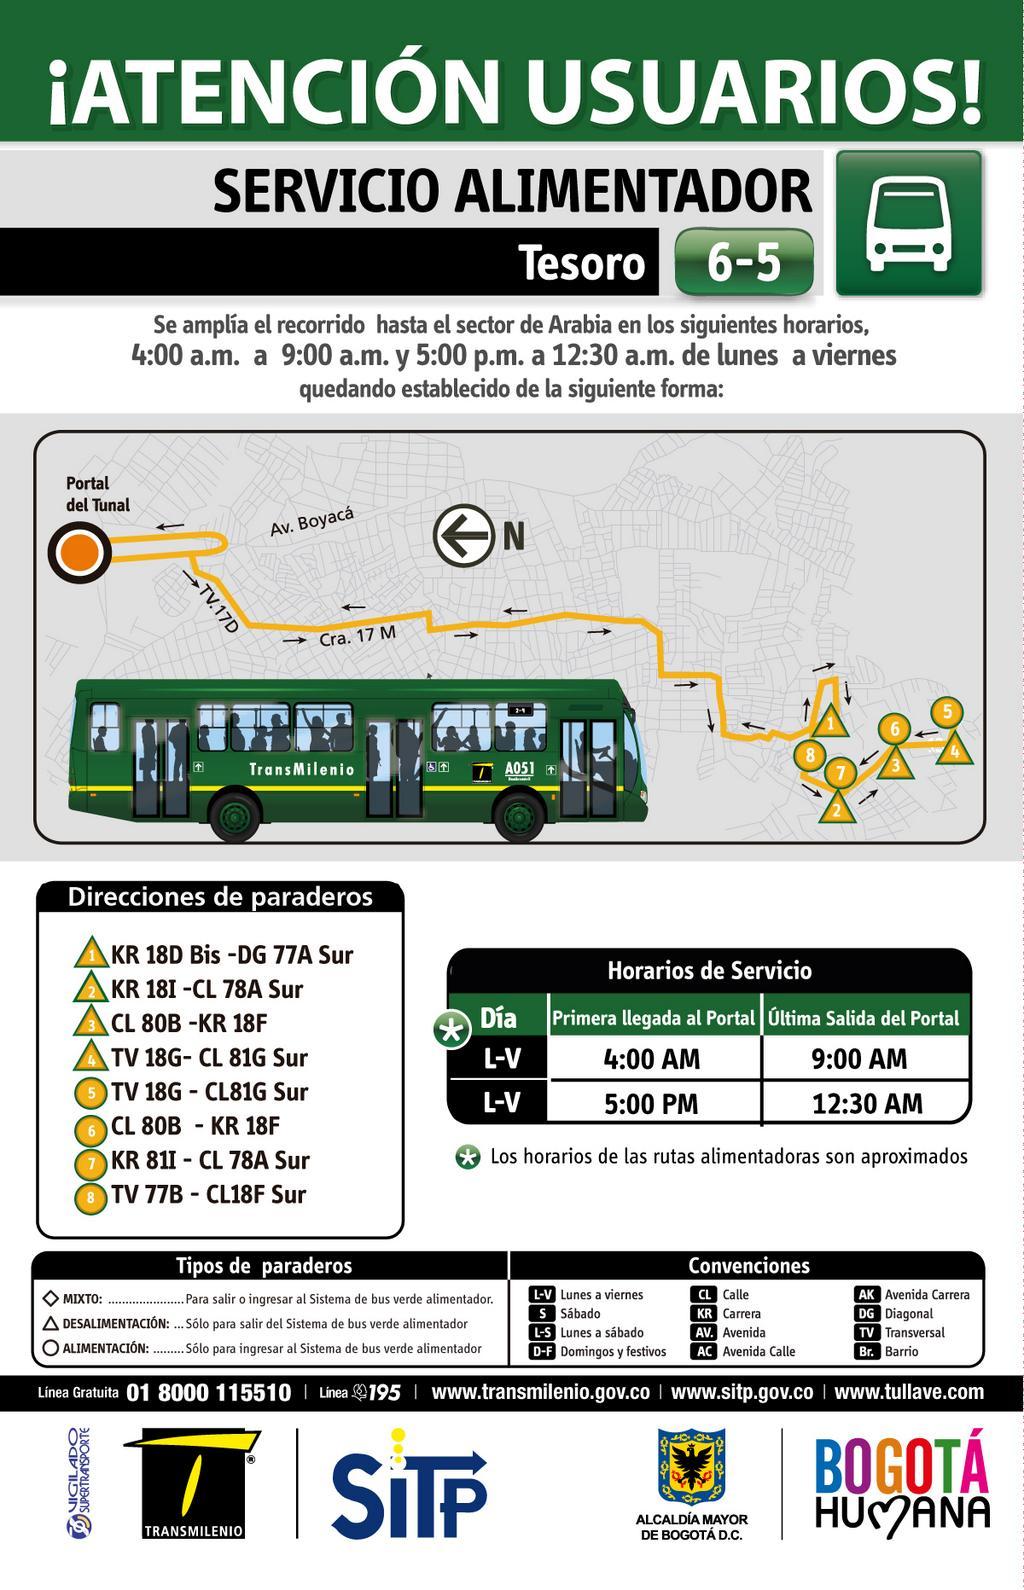 Mapa de la ruta ALIMENTADORA 6-5 (hasta Arabia)